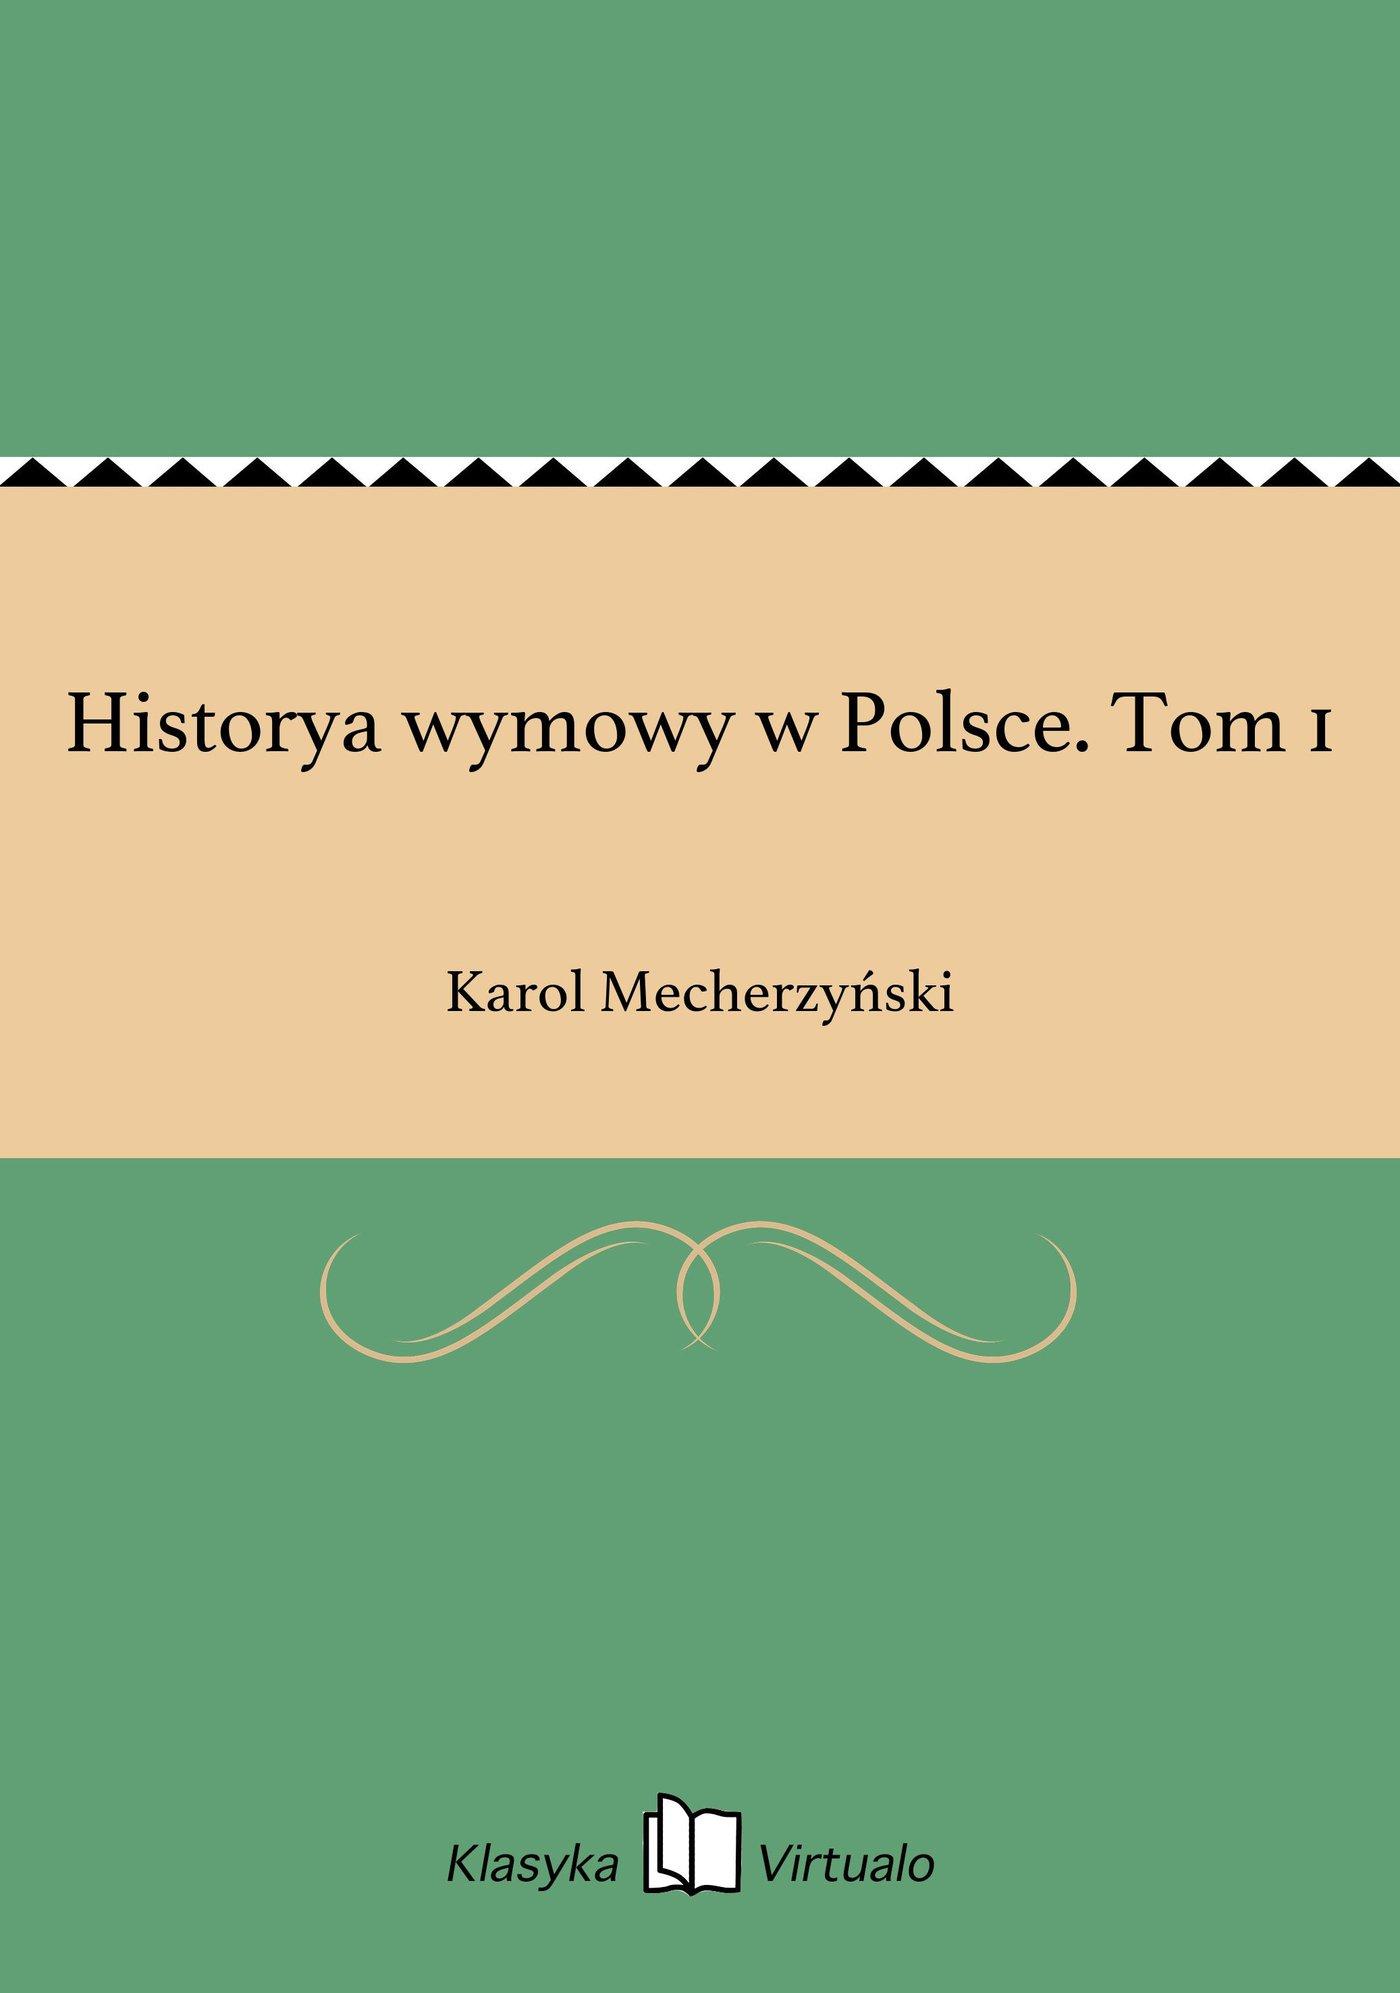 Historya wymowy w Polsce. Tom 1 - Ebook (Książka EPUB) do pobrania w formacie EPUB